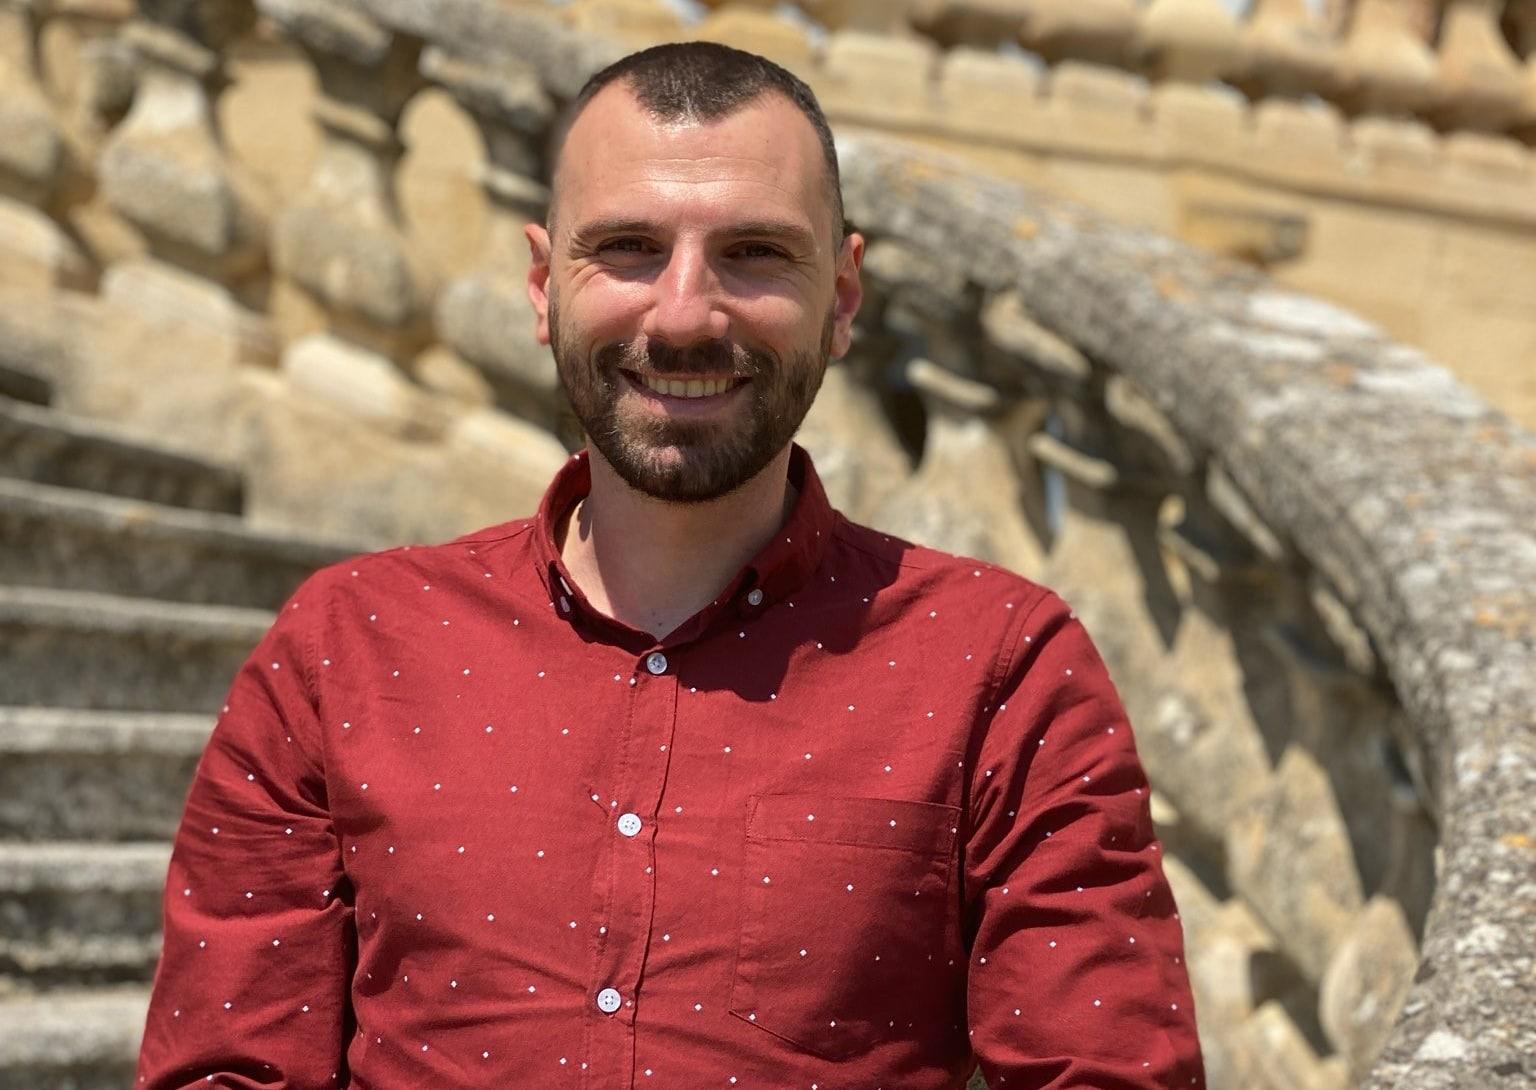 Guillaume, chargé de communication au Rocher Mistral, au château de La Barben en Provence. Originaire de Pelissanne, il gère la communication 360 du parc.